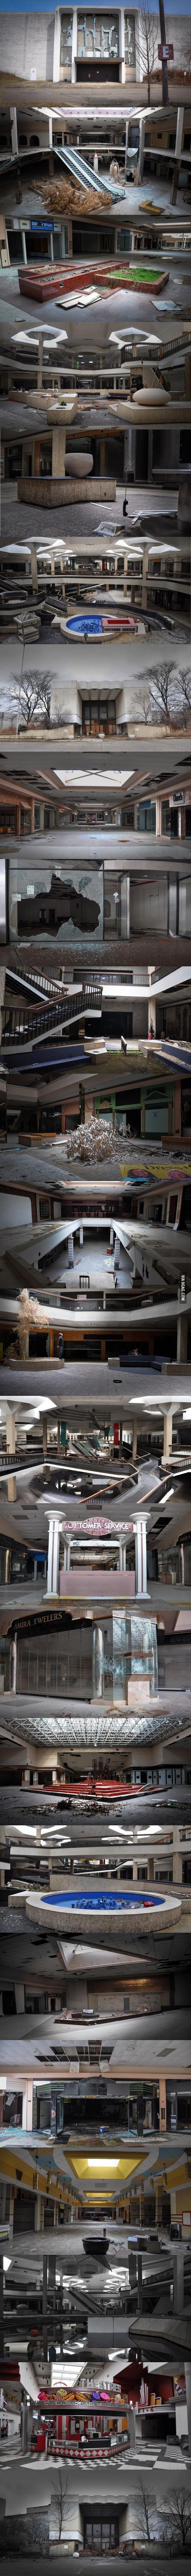 417 best abandoned images on pinterest abandoned malls abandoned